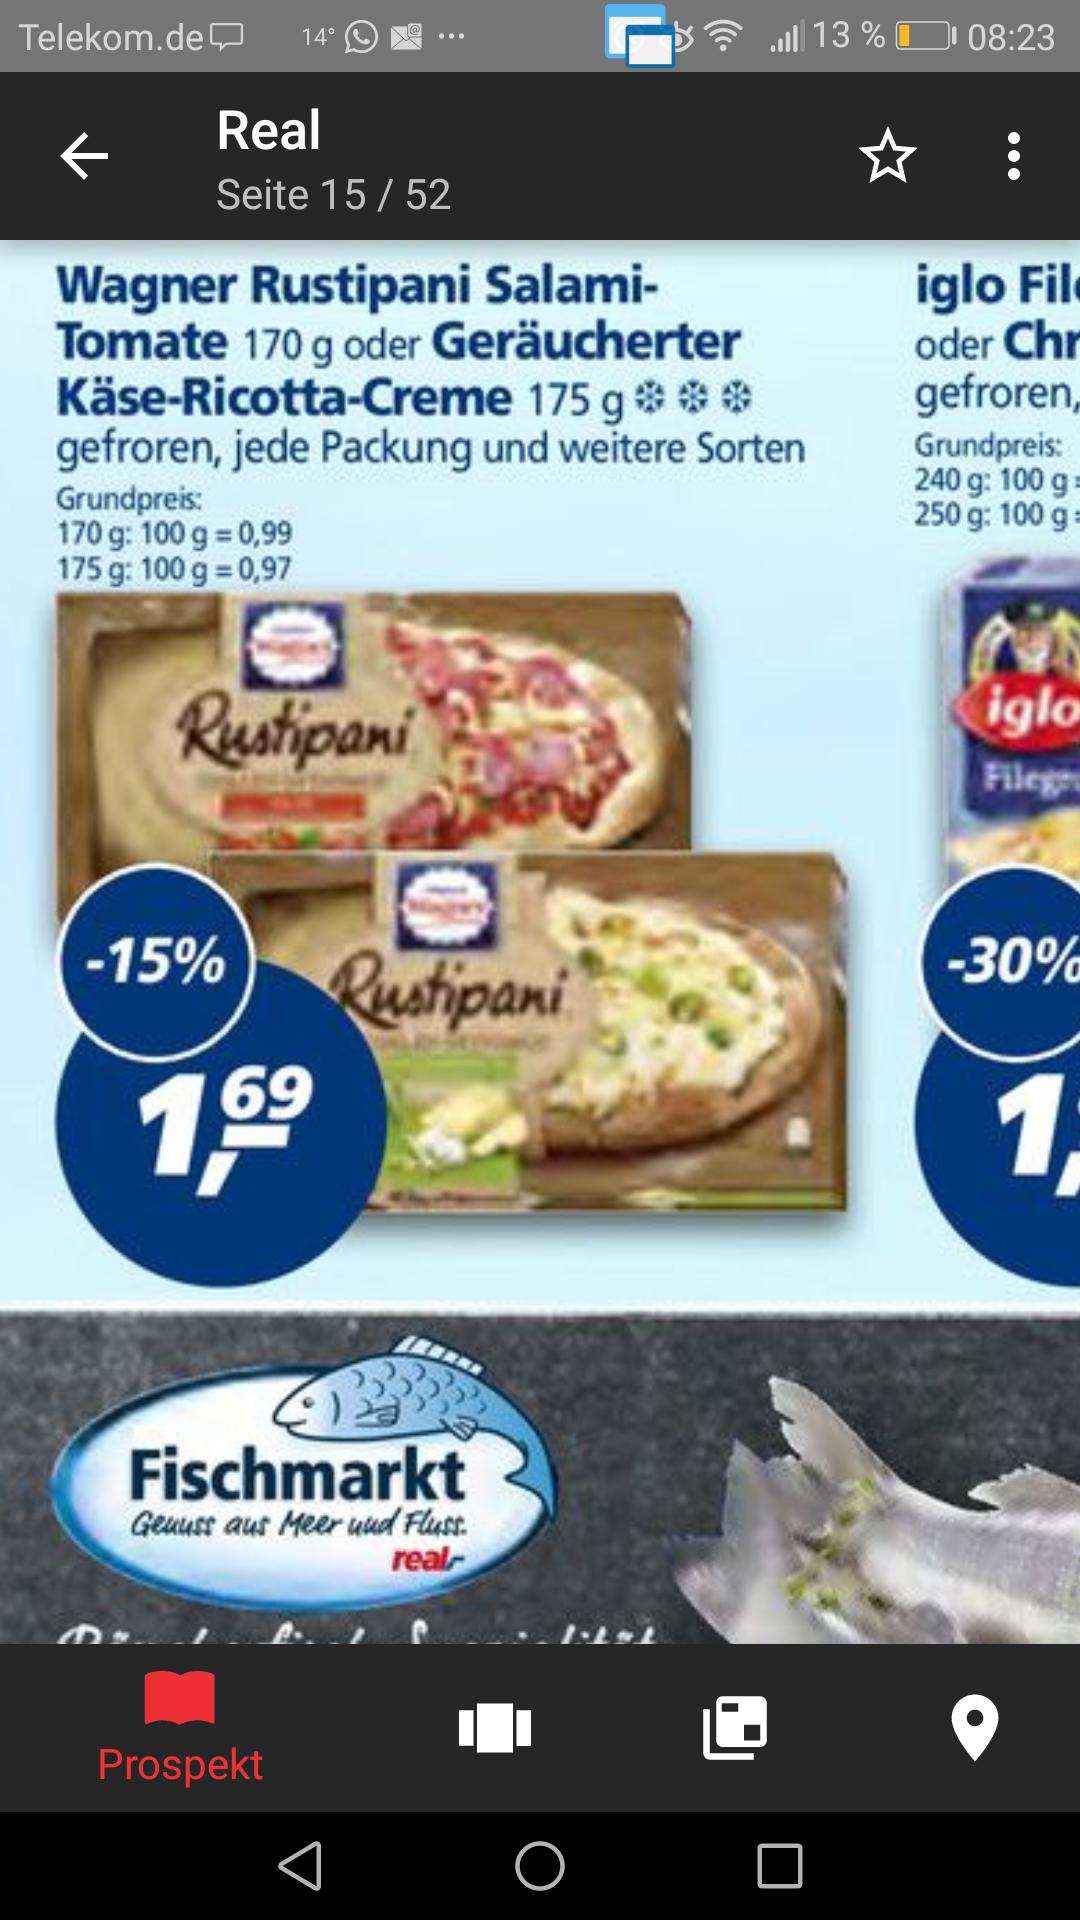 [real bundesweit bis 23.09.] Wagner Rustipani für effektiv 1.19€ (Angebot plus scondoo)